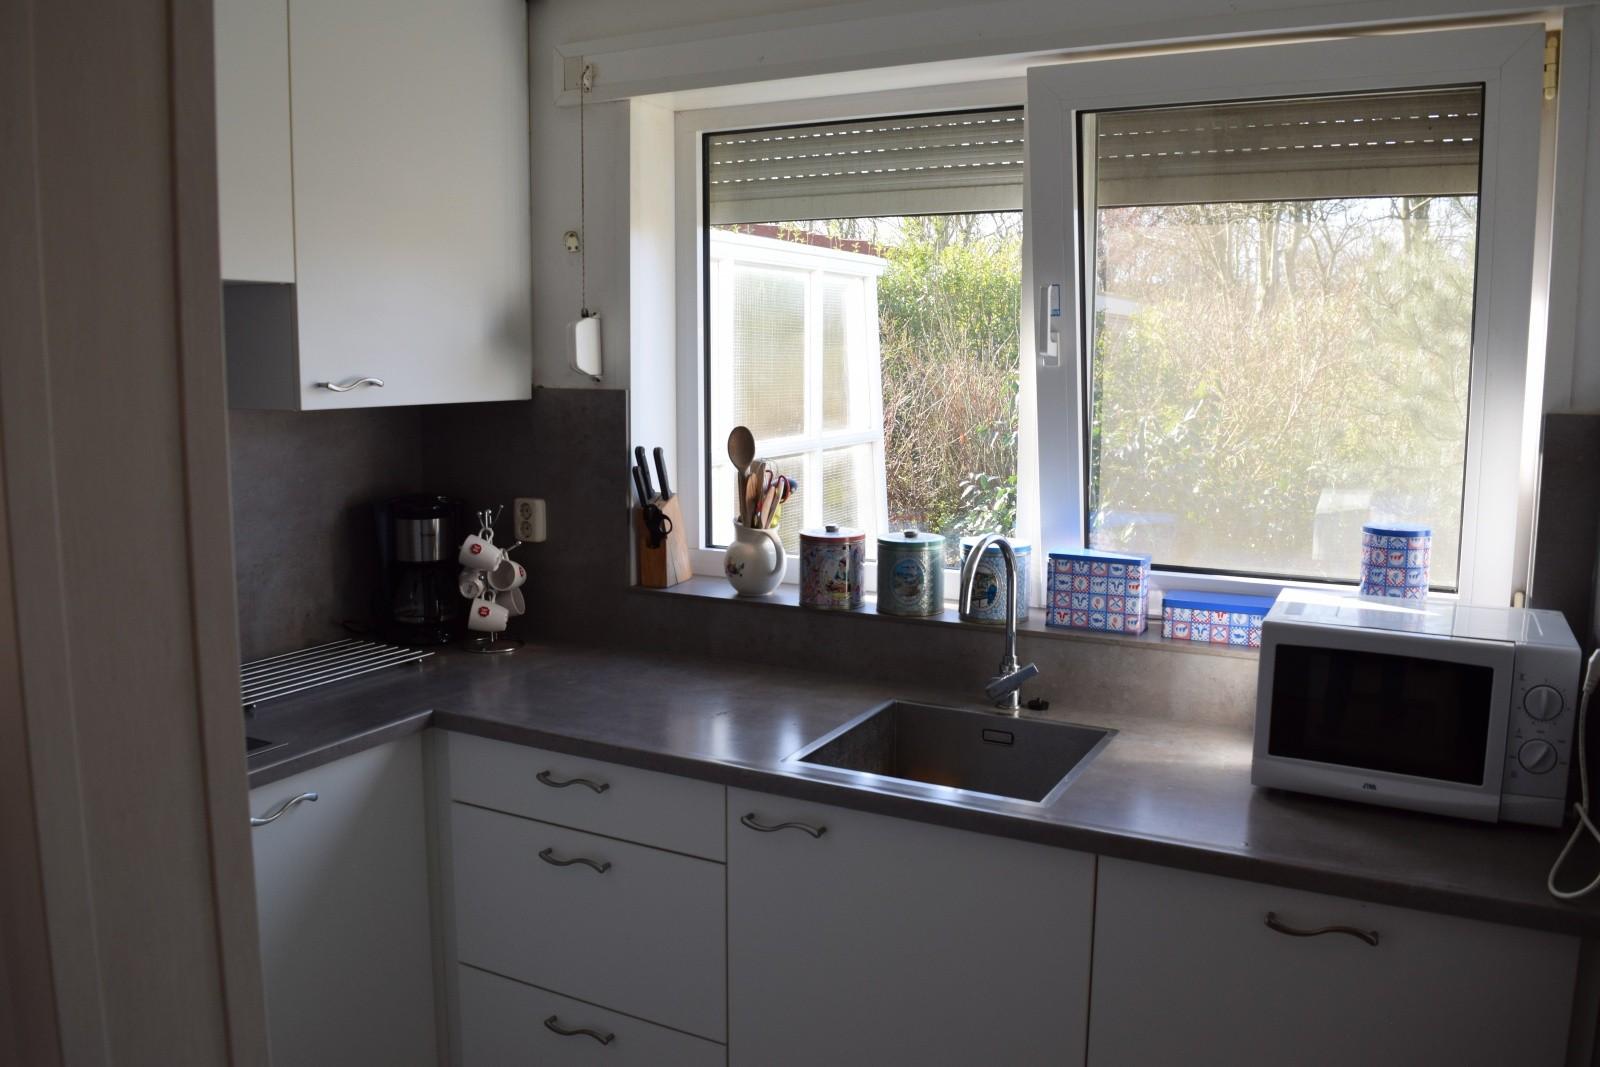 Keuken  |Vakantiebungalow Joossesweg 65, Westkapelle